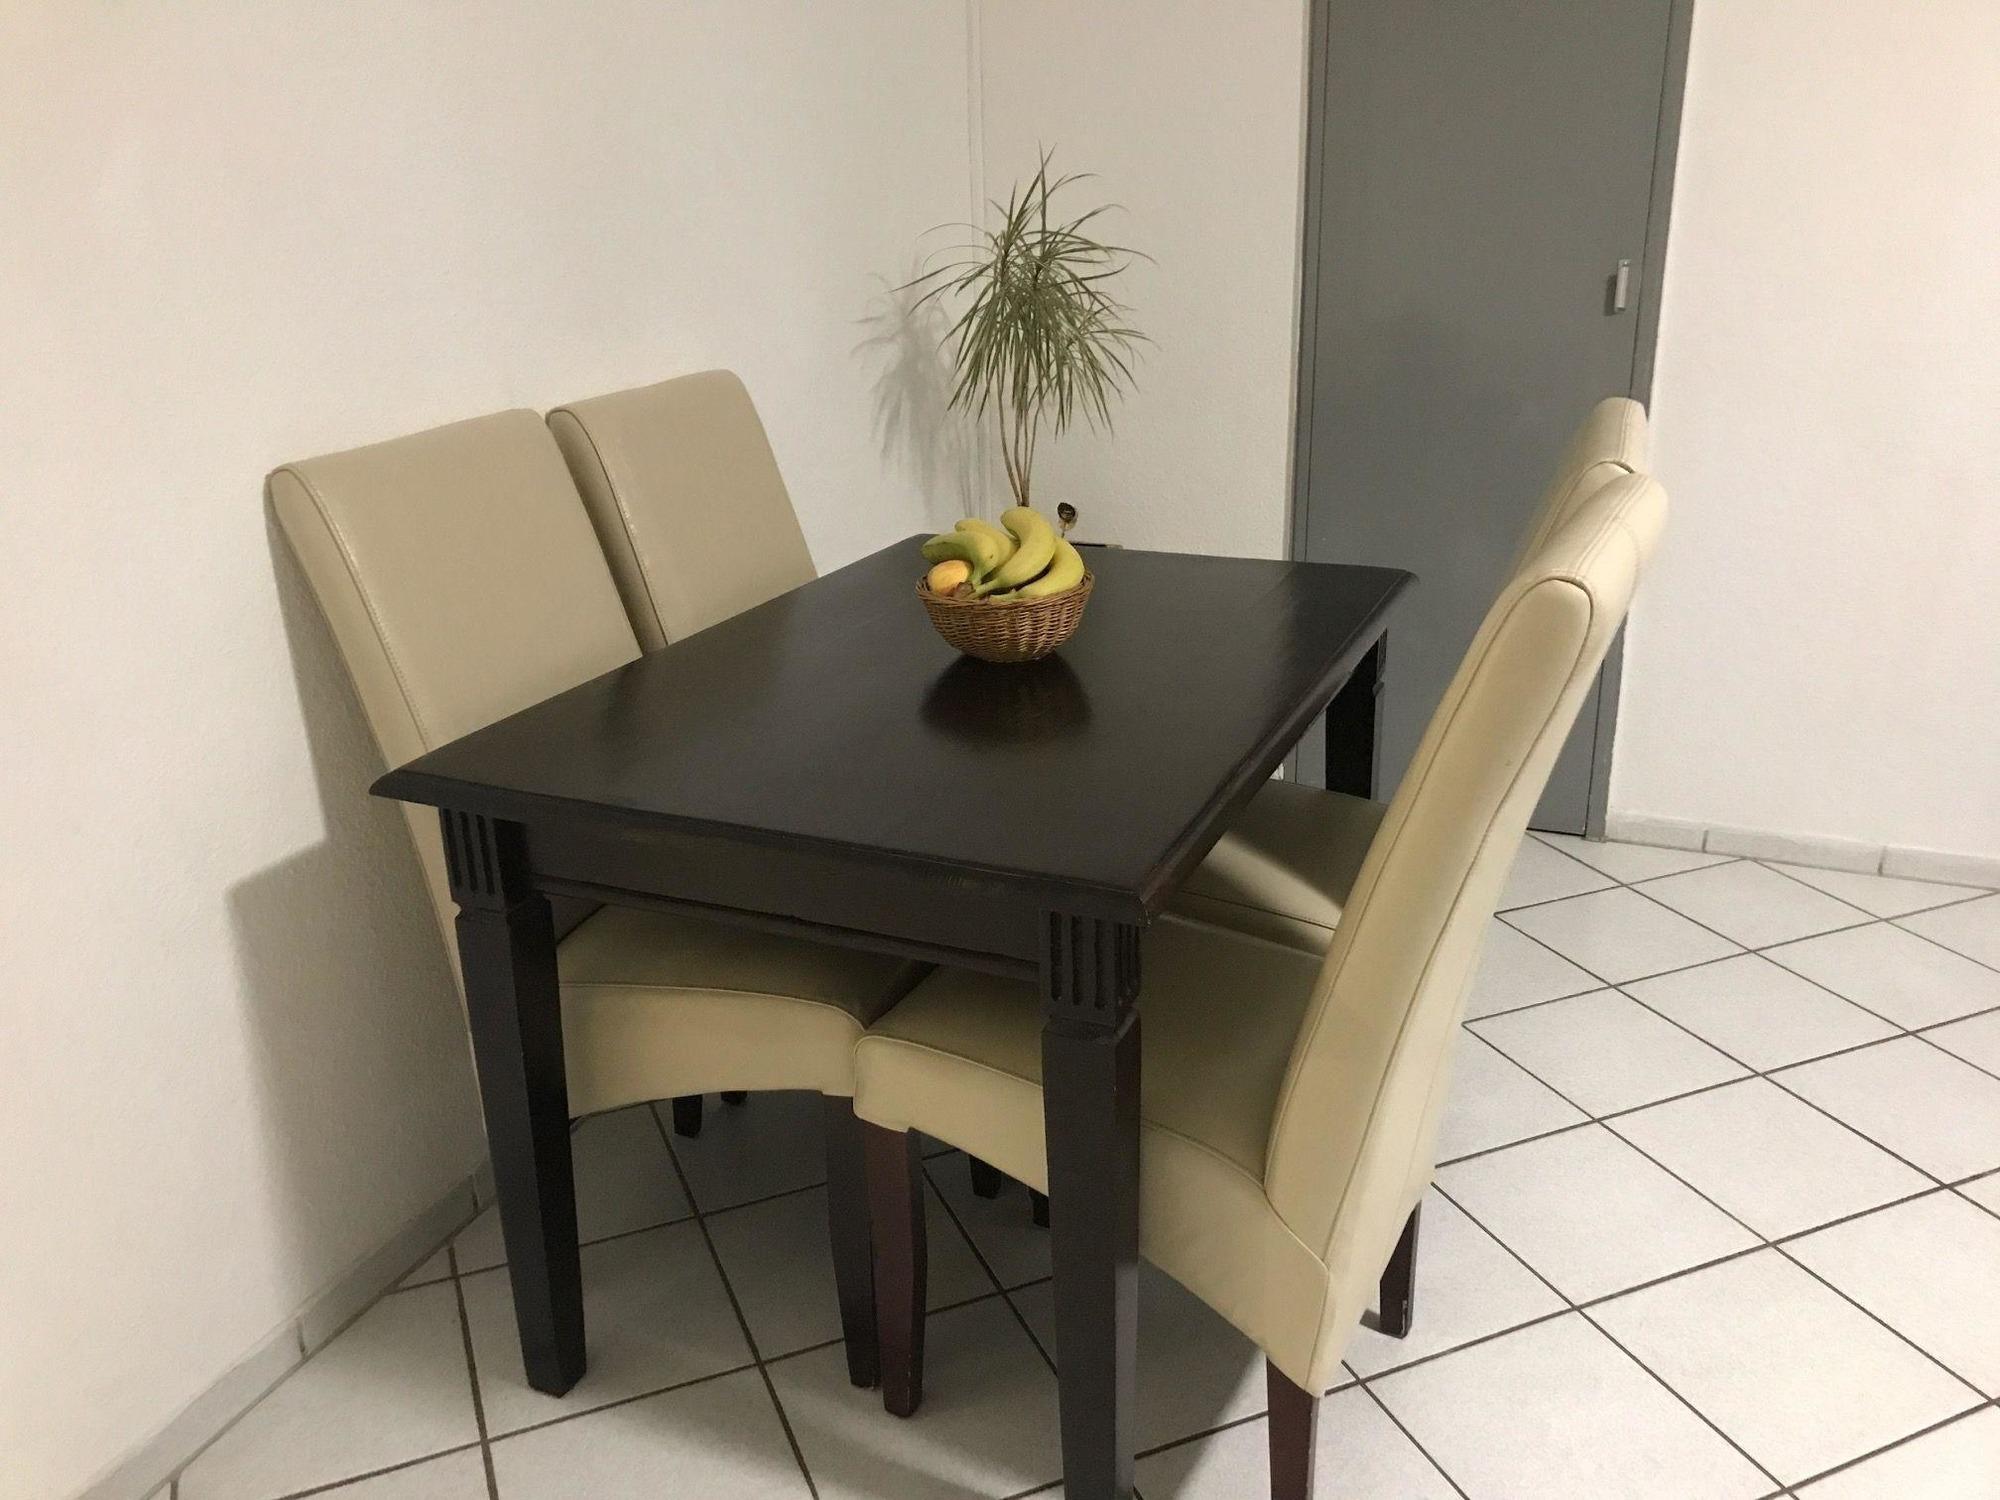 Ferienwohnung 2 Zimmer Möblierte Wohnung mit Terrasse (2656522), Wuppertal, Bergisches Land, Nordrhein-Westfalen, Deutschland, Bild 2